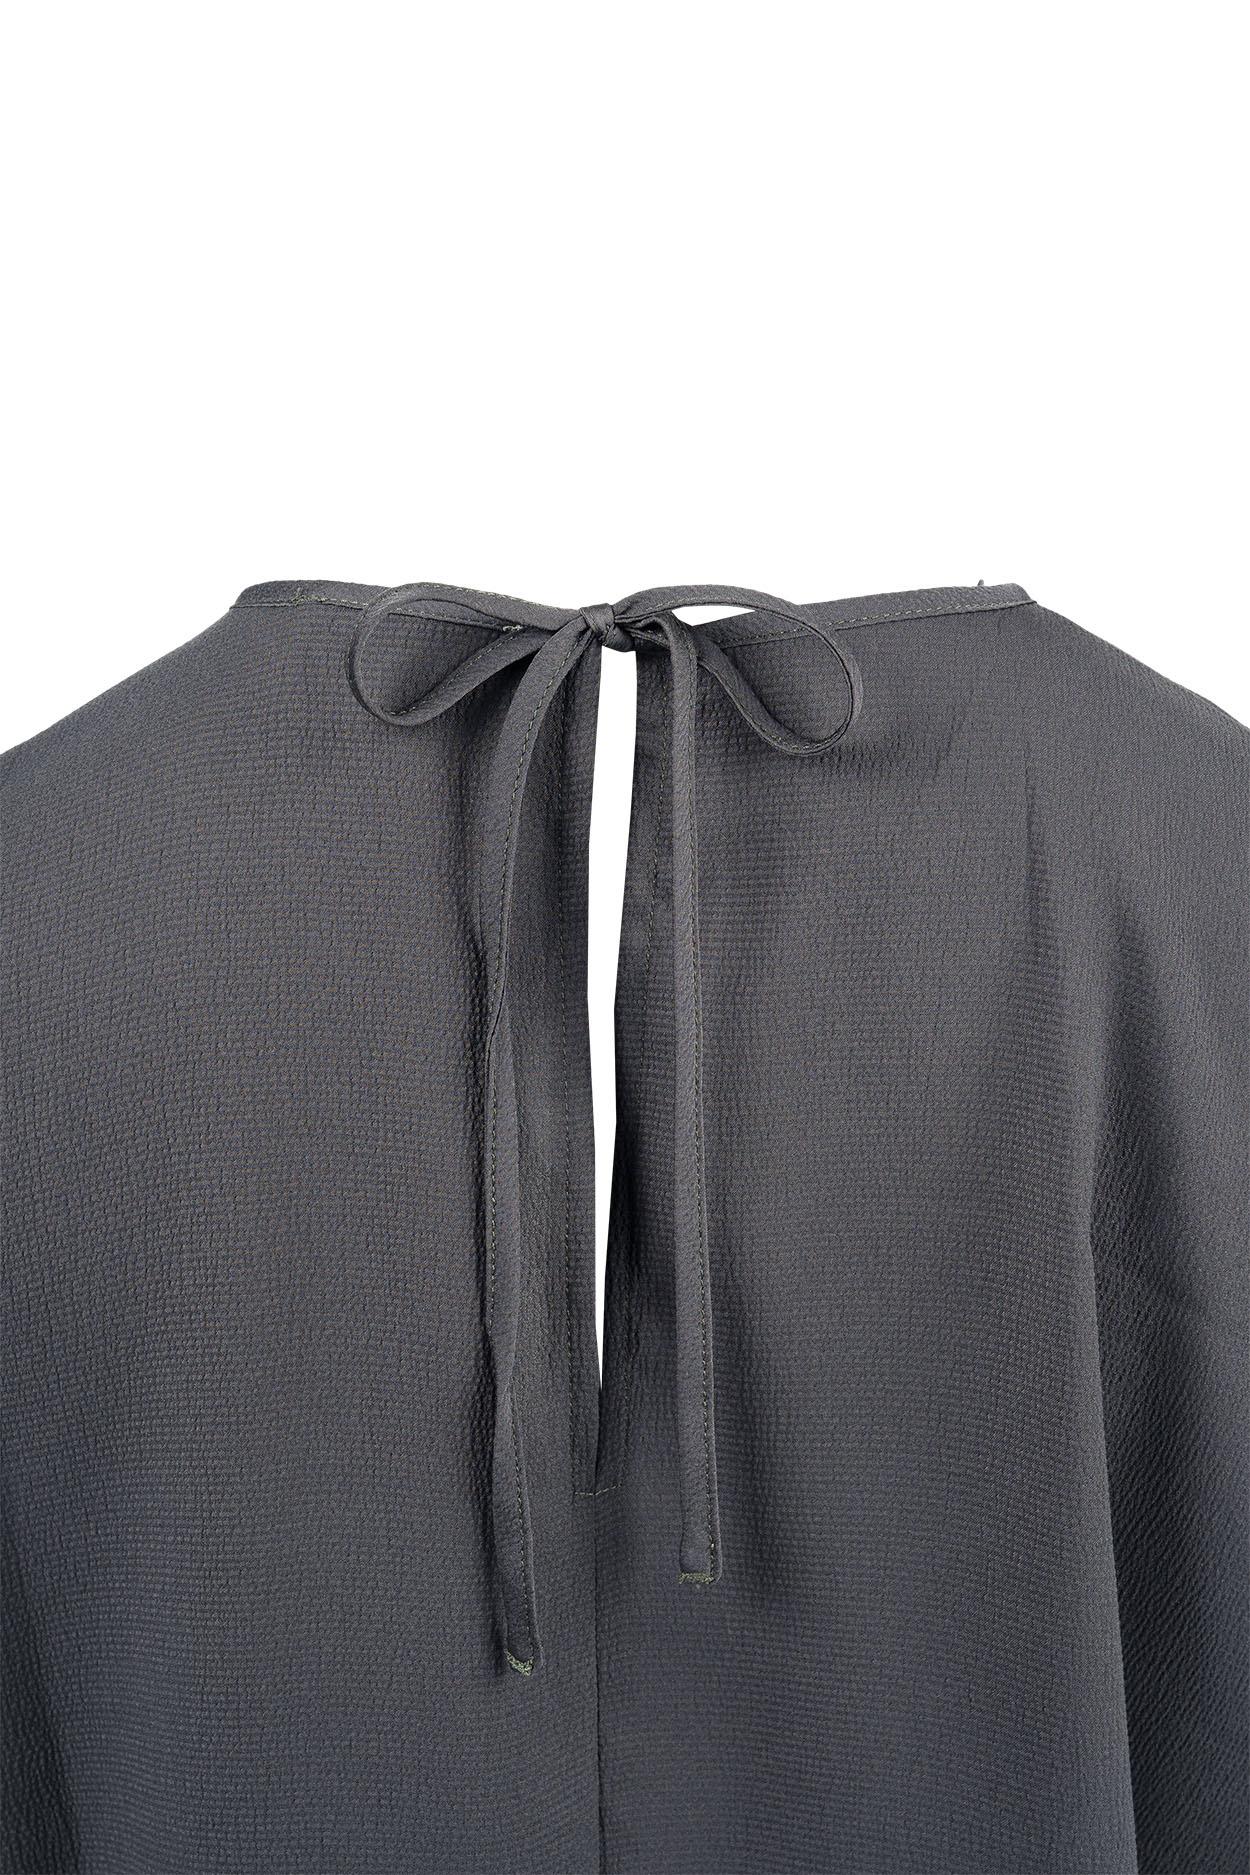 Zusss Hip frivool jurkje grijs-groen